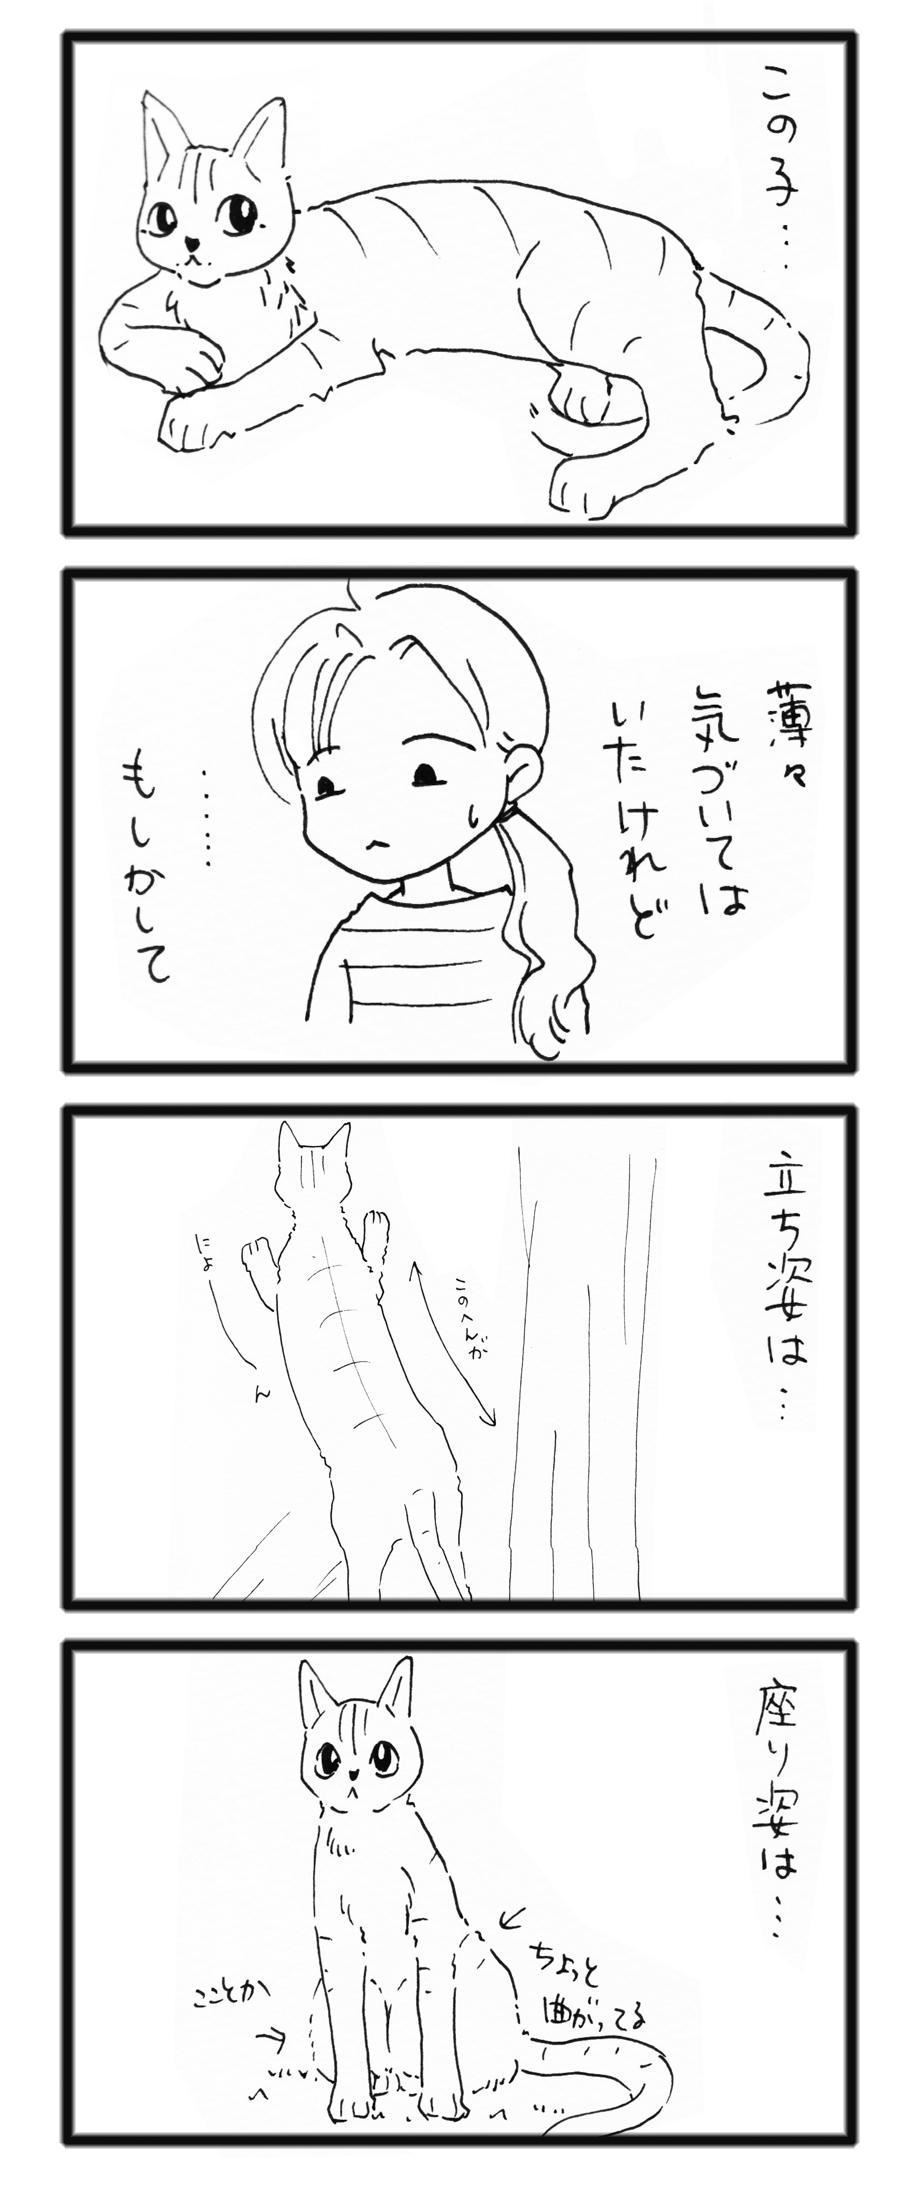 comic_2013091501.jpg